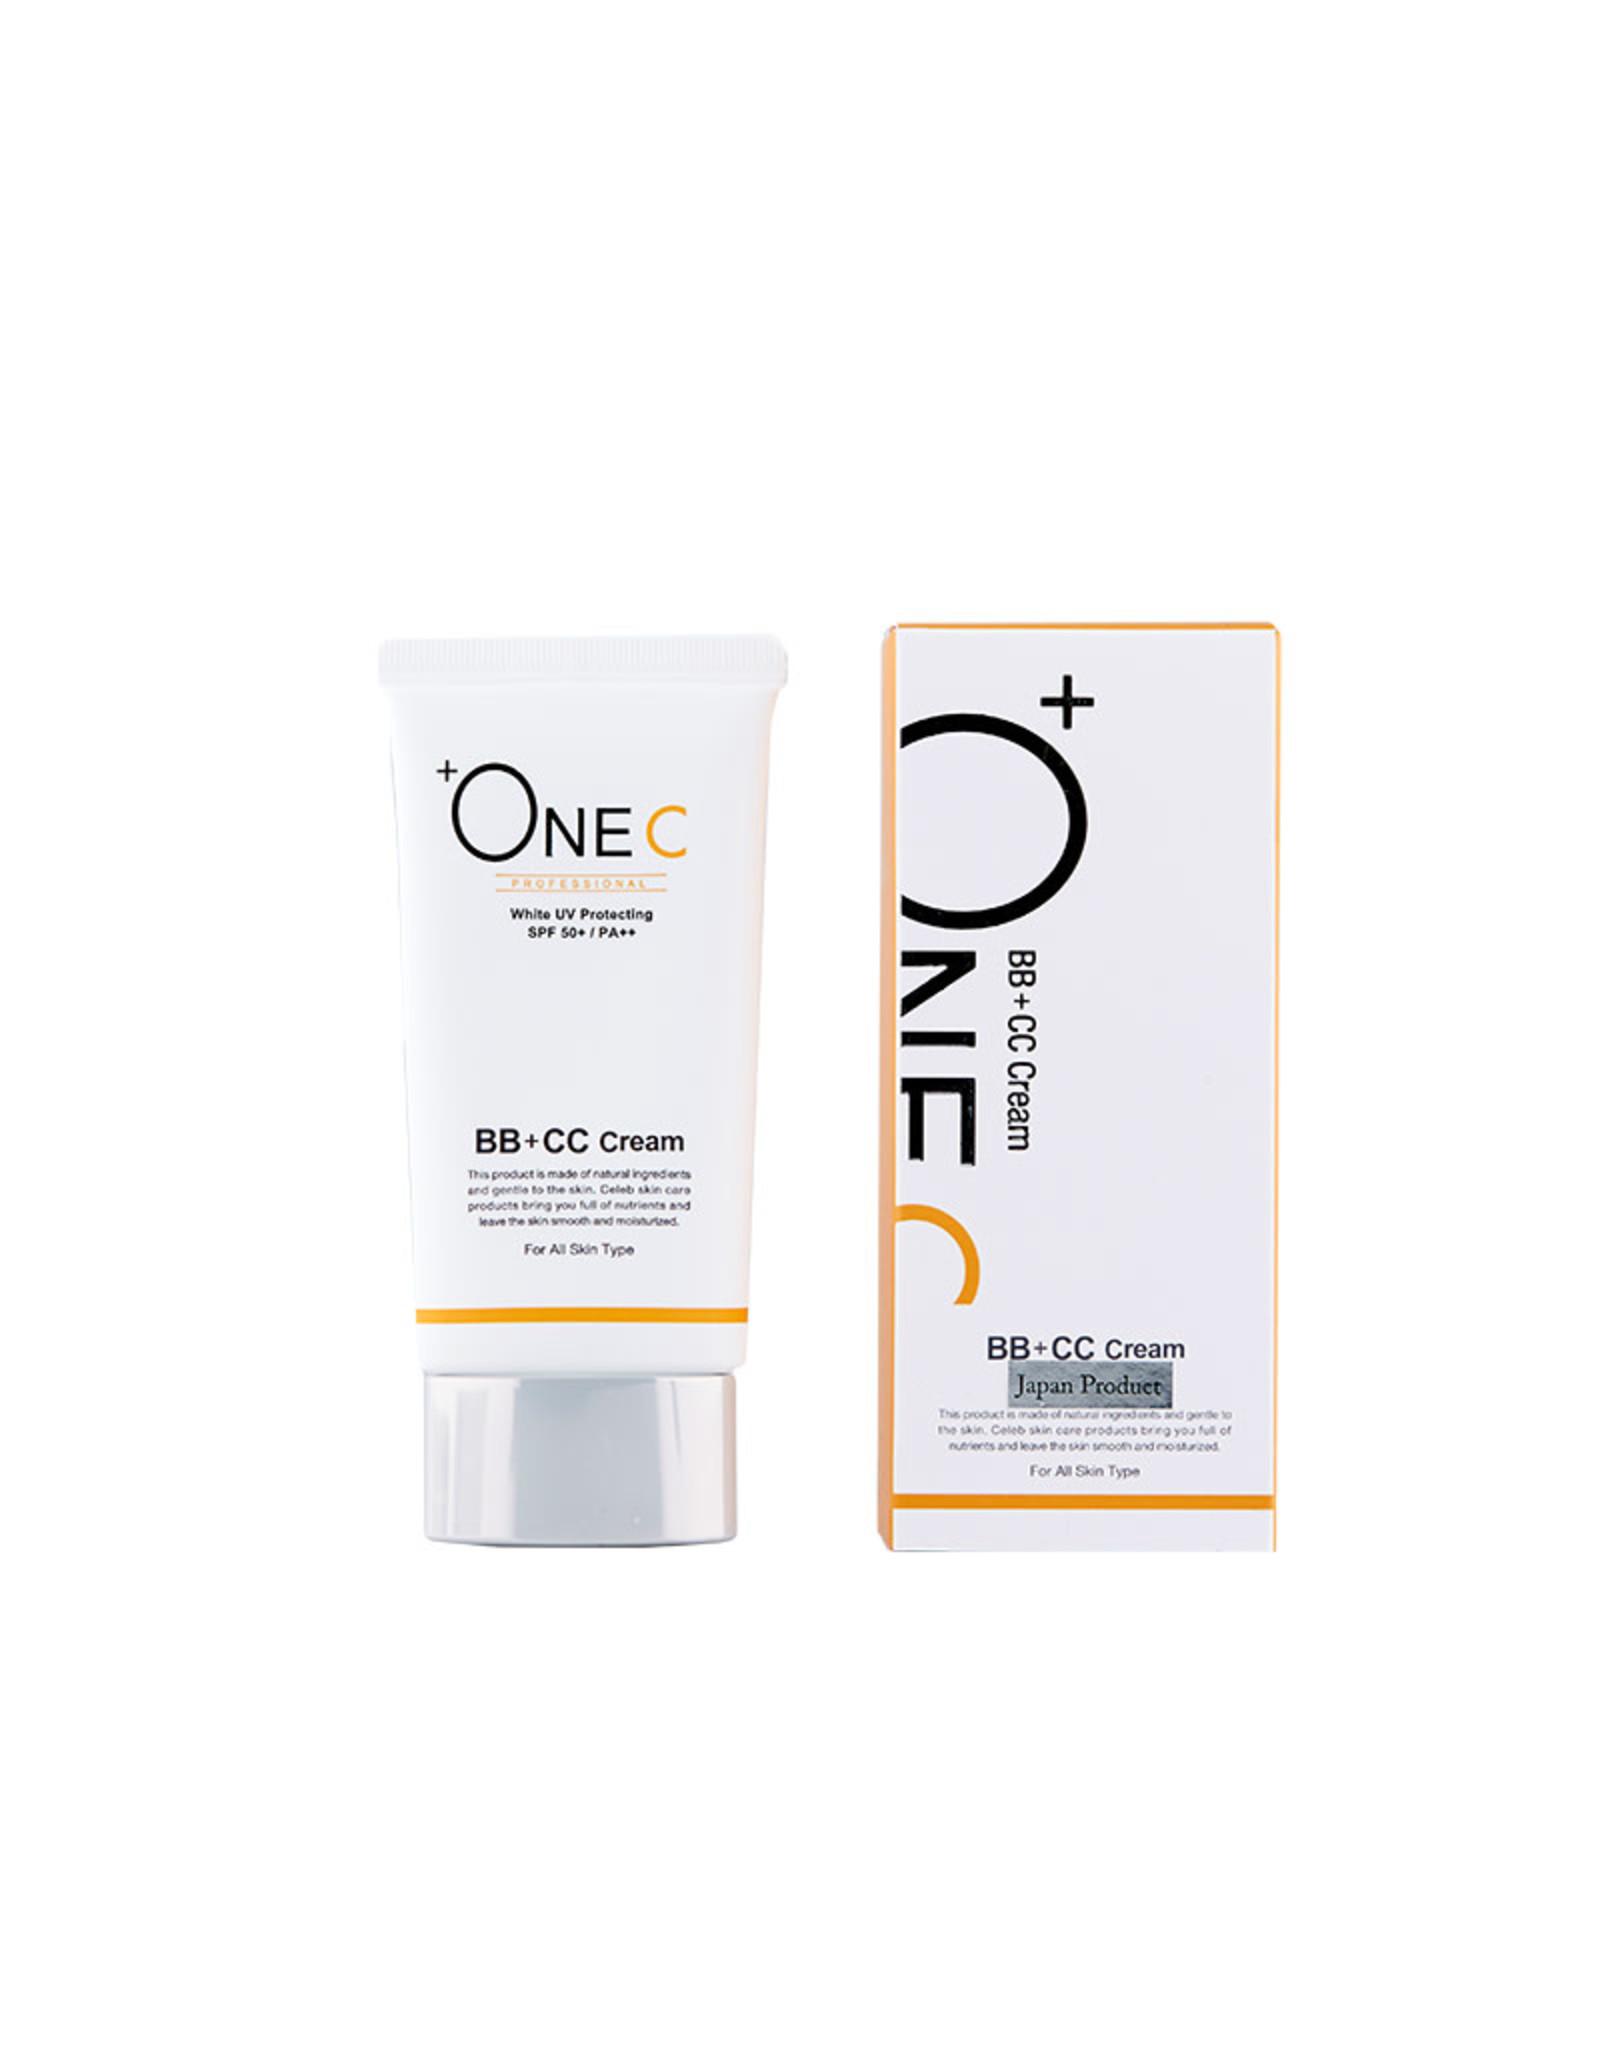 +Onec +ONEC BB+CC Cream 40g